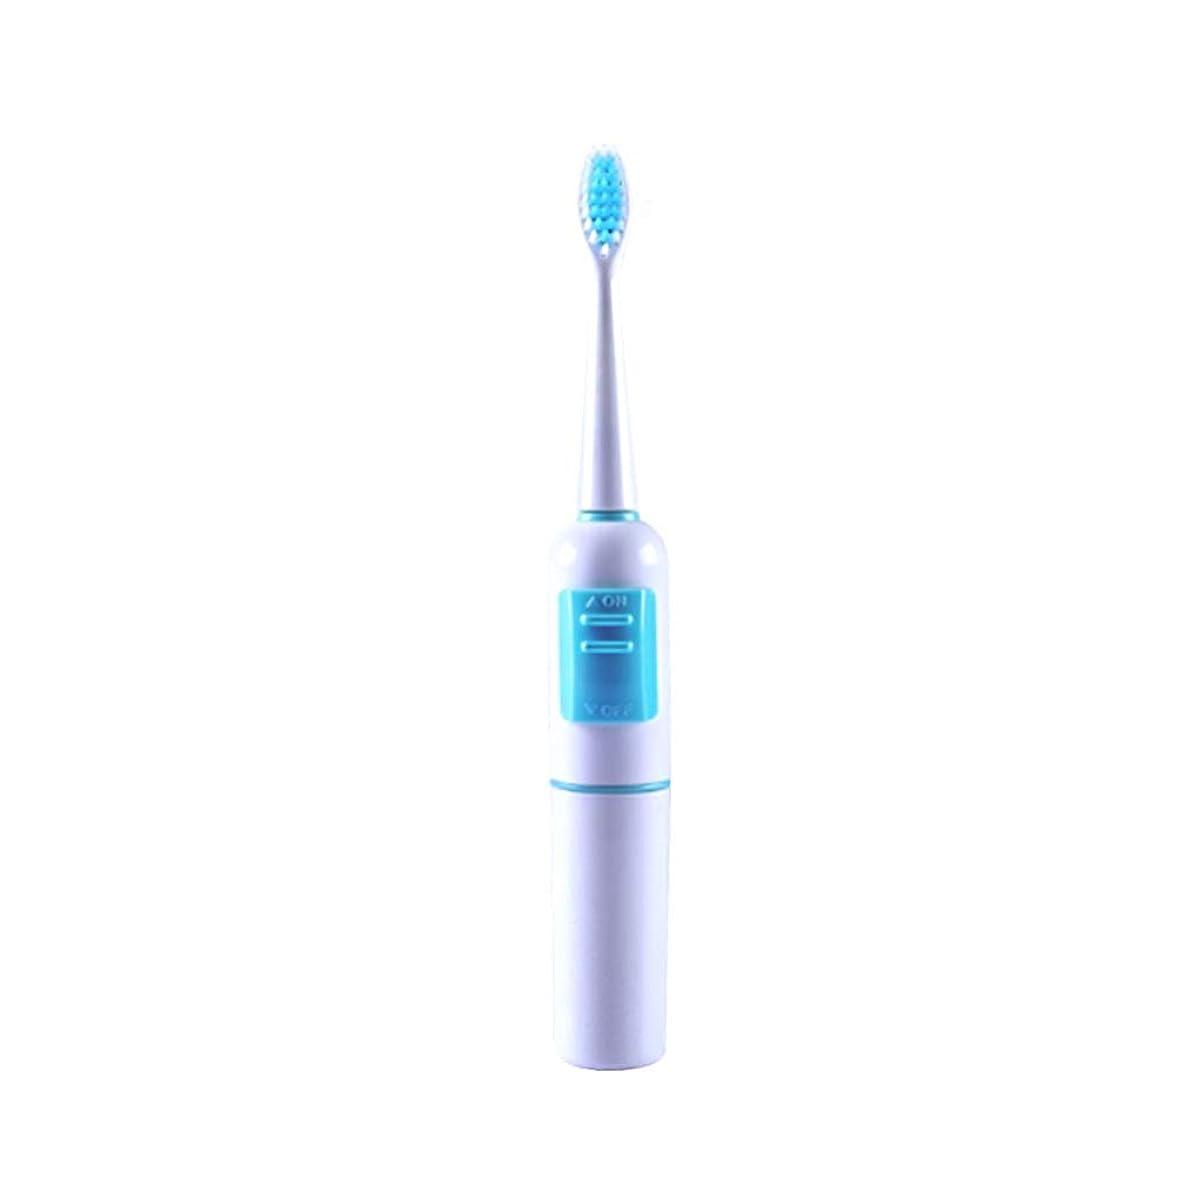 とても多くのバックアップ顕著電動歯ブラシ 柔らかい毛の大人の電動歯ブラシの家の音波振動強い自動きれいなブラッシングマジック